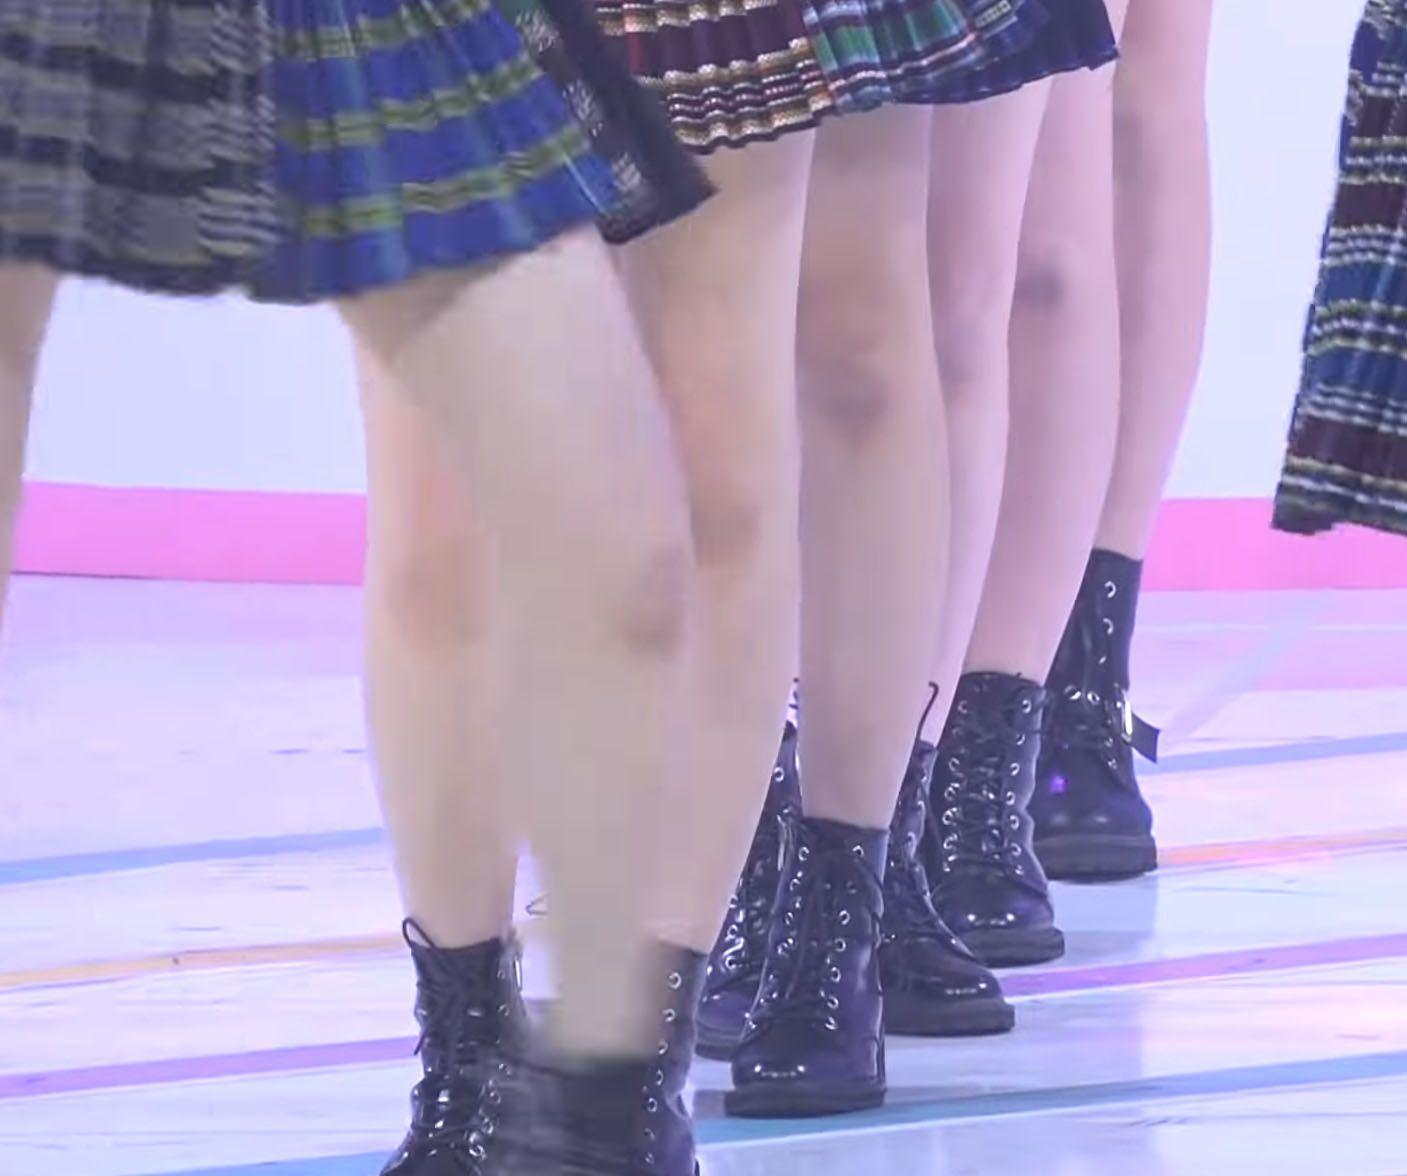 izone bruised knees 1